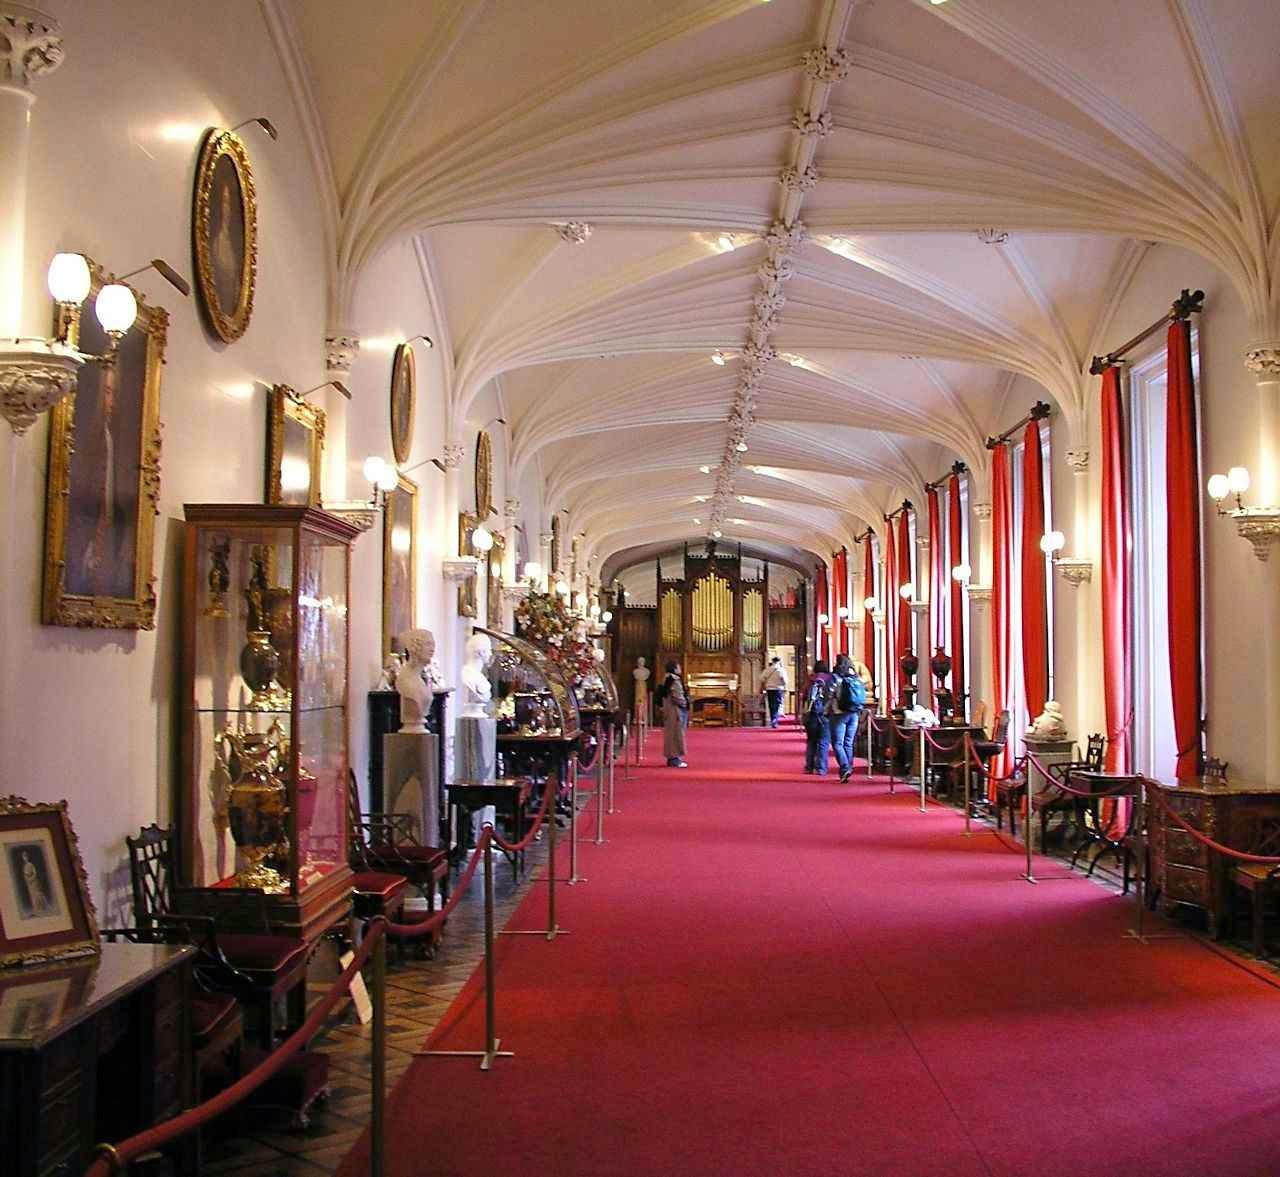 Galeria no castelo de Scone, Perth, Escócia